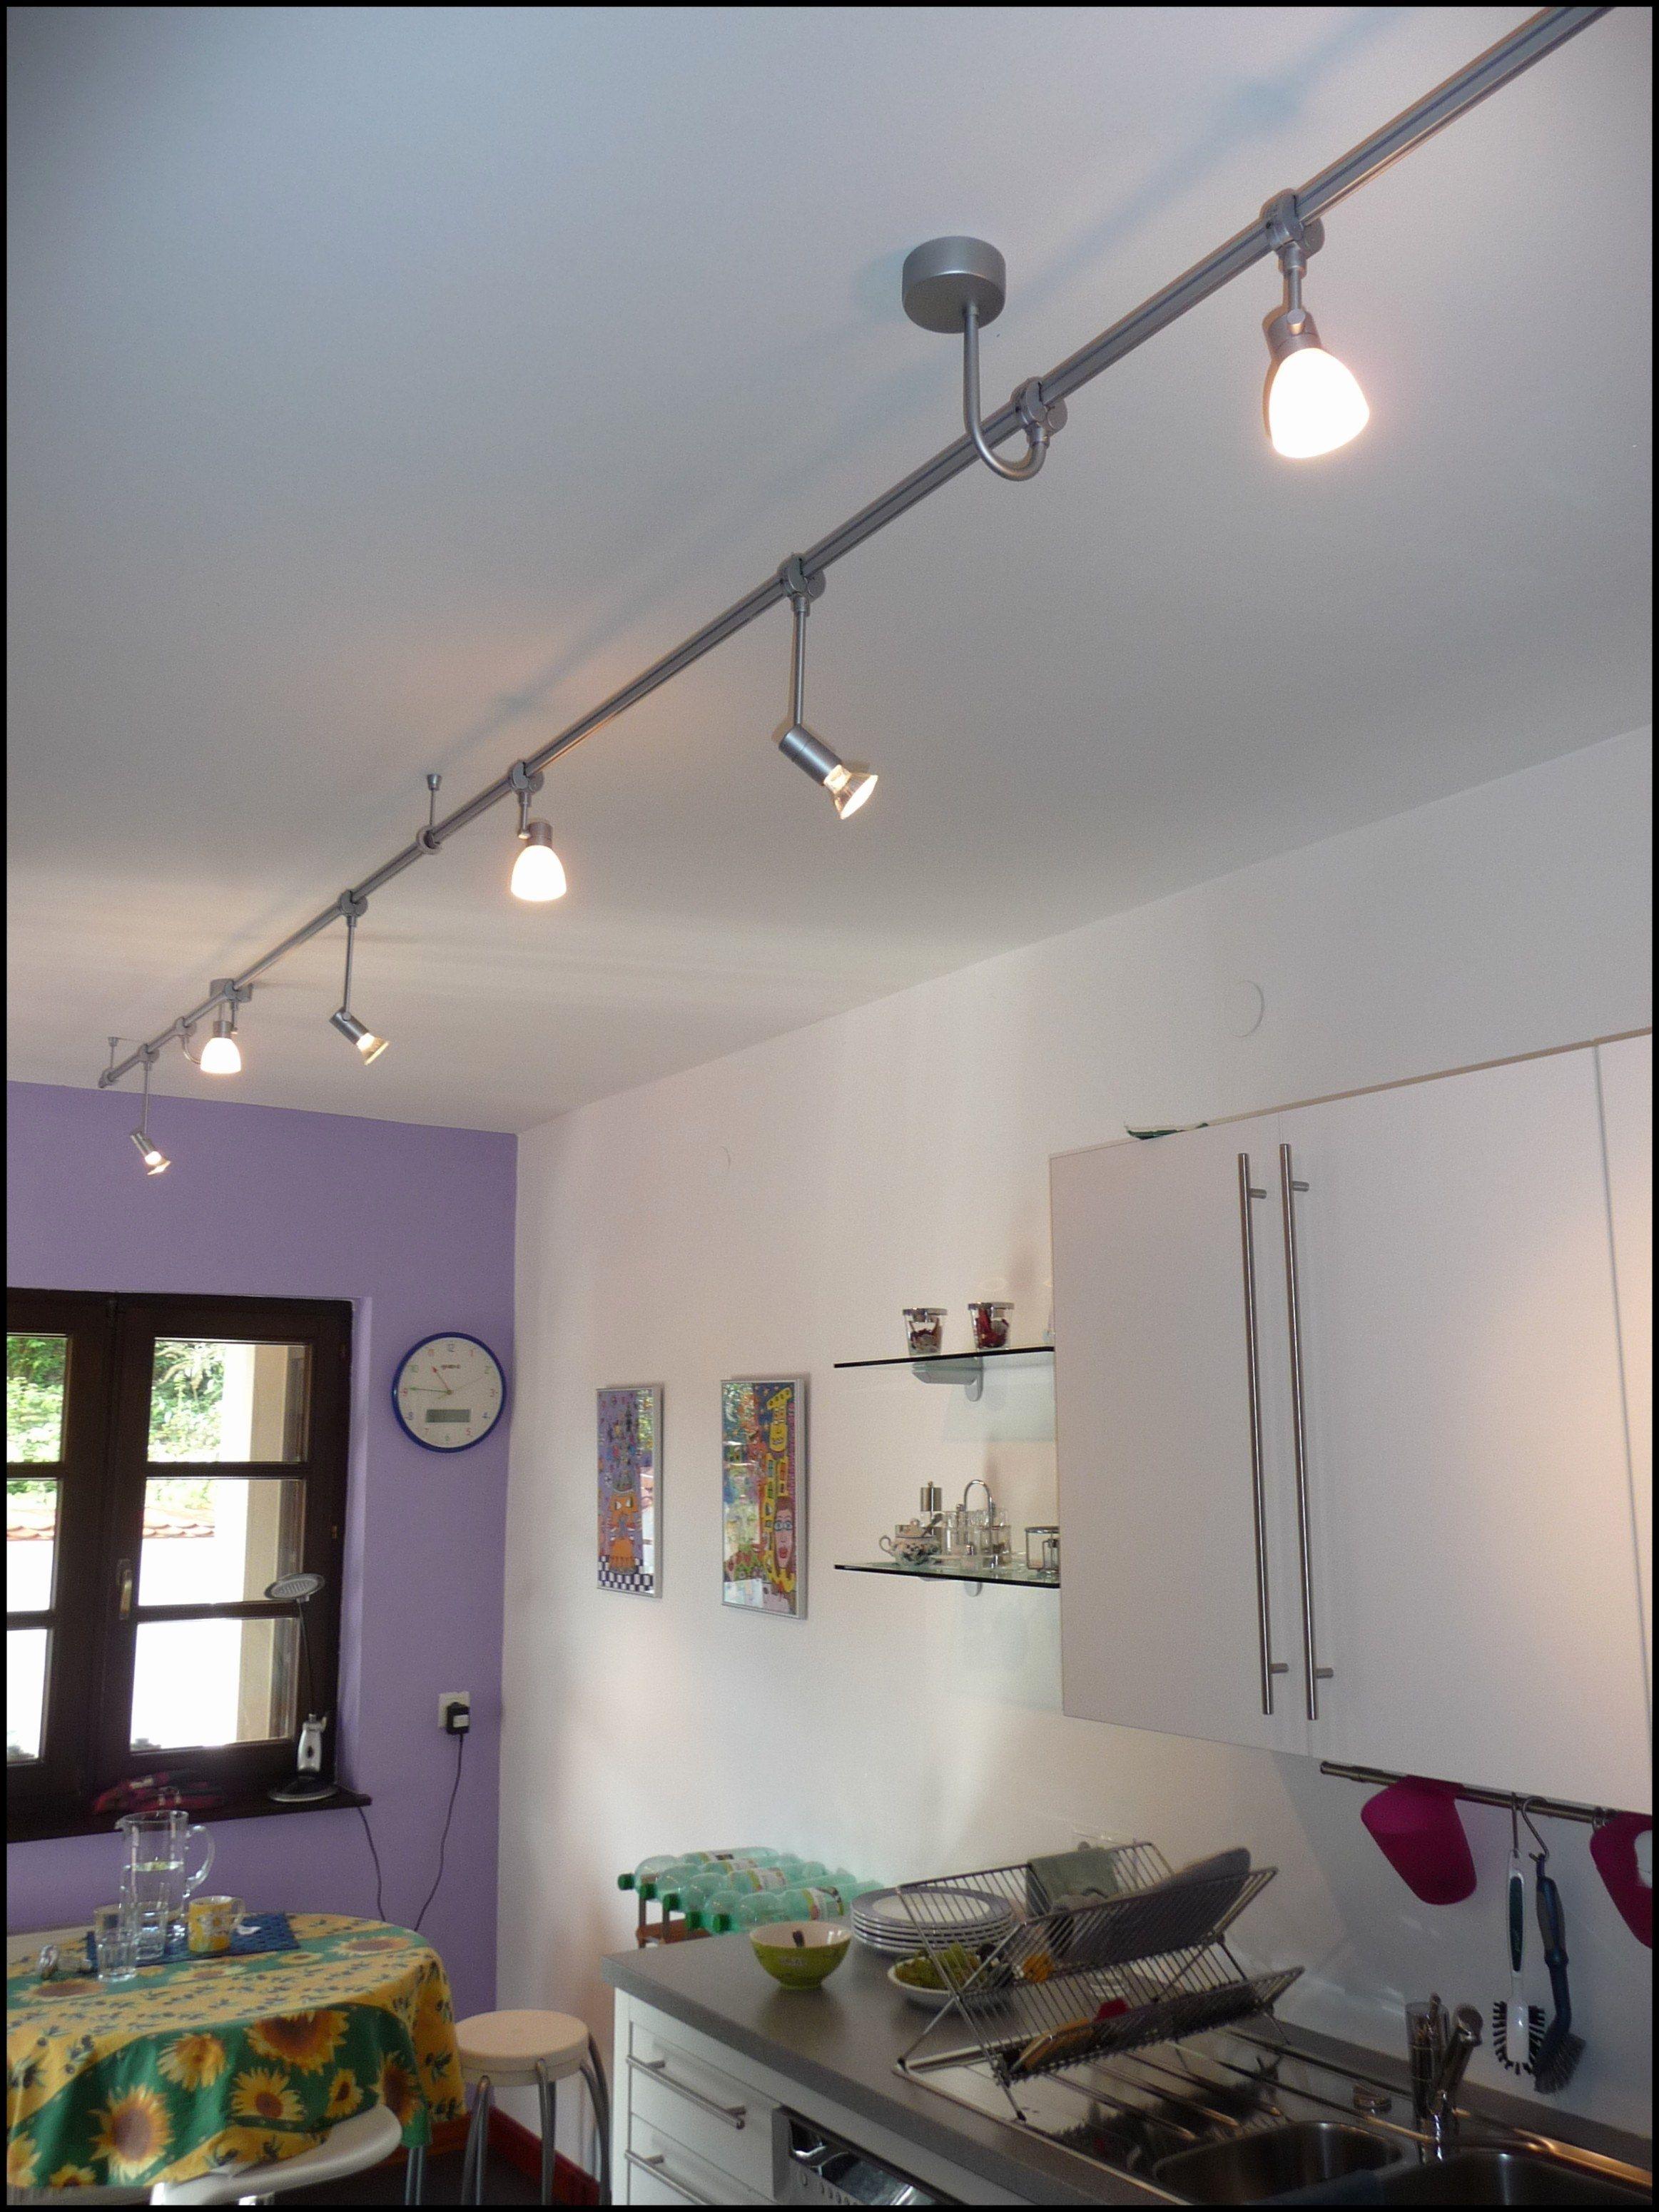 34 Einzigartig Kuchenlampe Blau Interior Home Decor Ceiling Lights